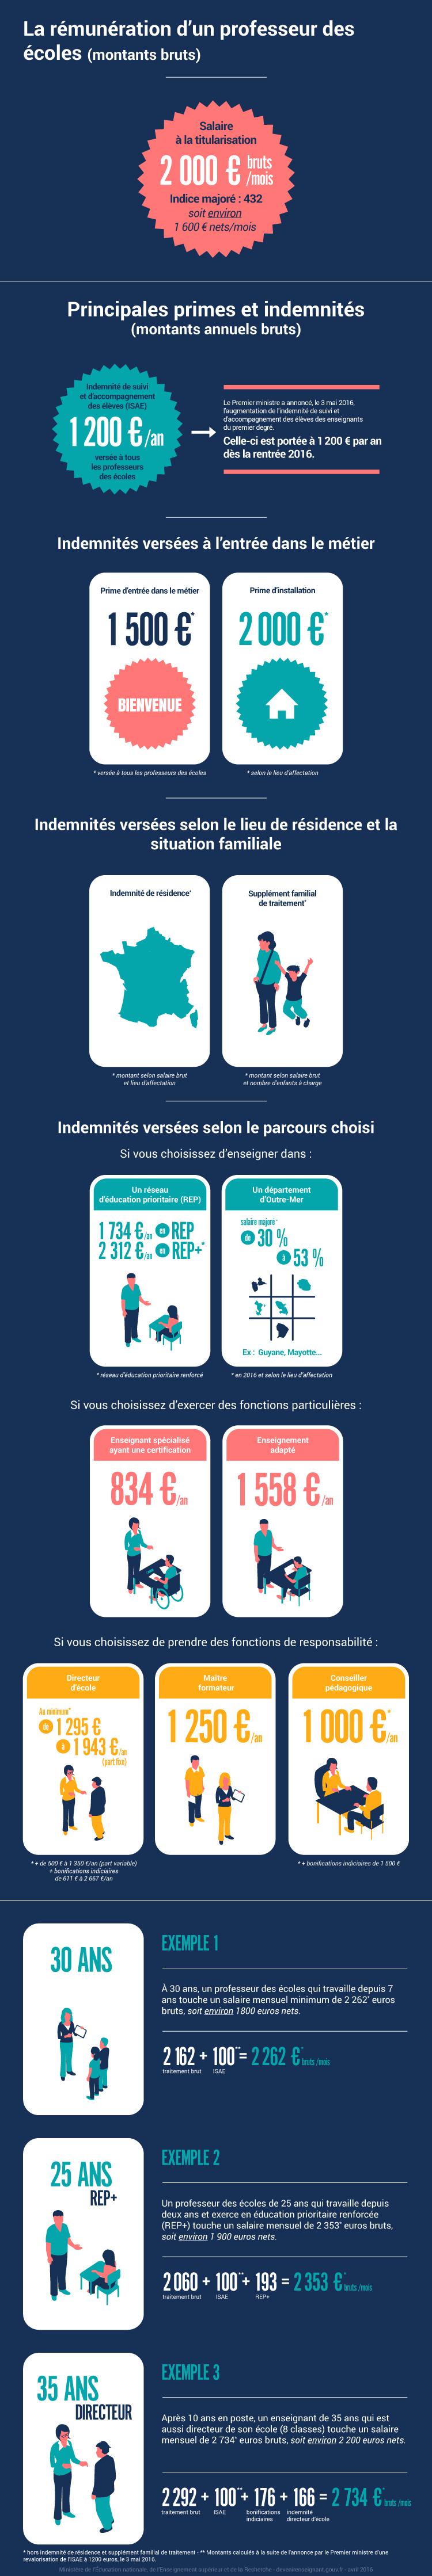 Infographie: la rémunération d'un professeur des écoles